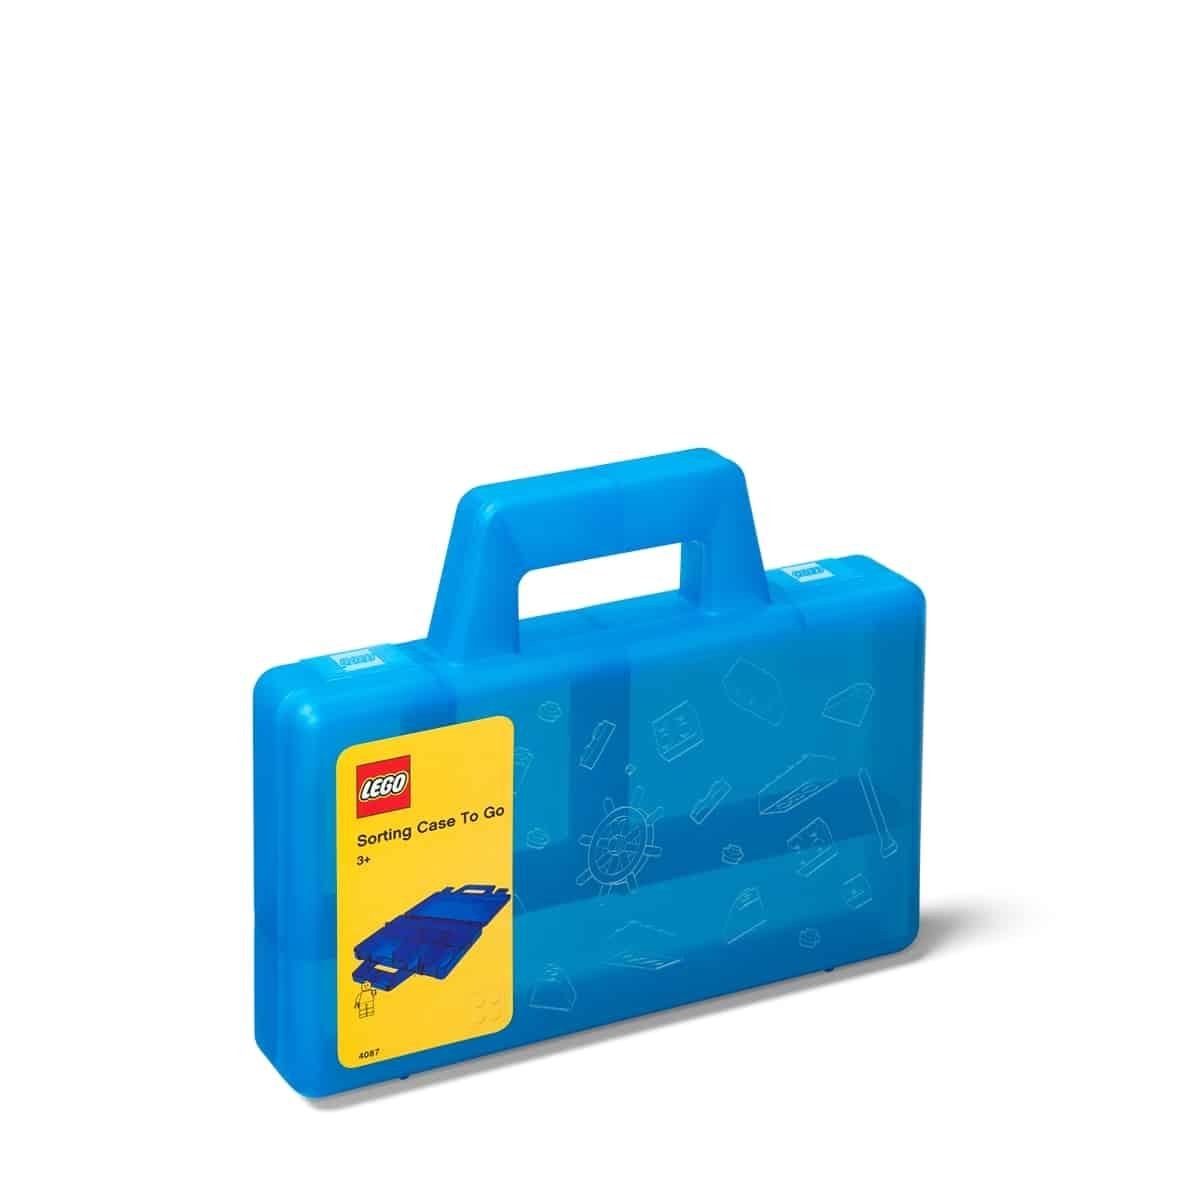 lego 5005890 transparent blue sorting case to go